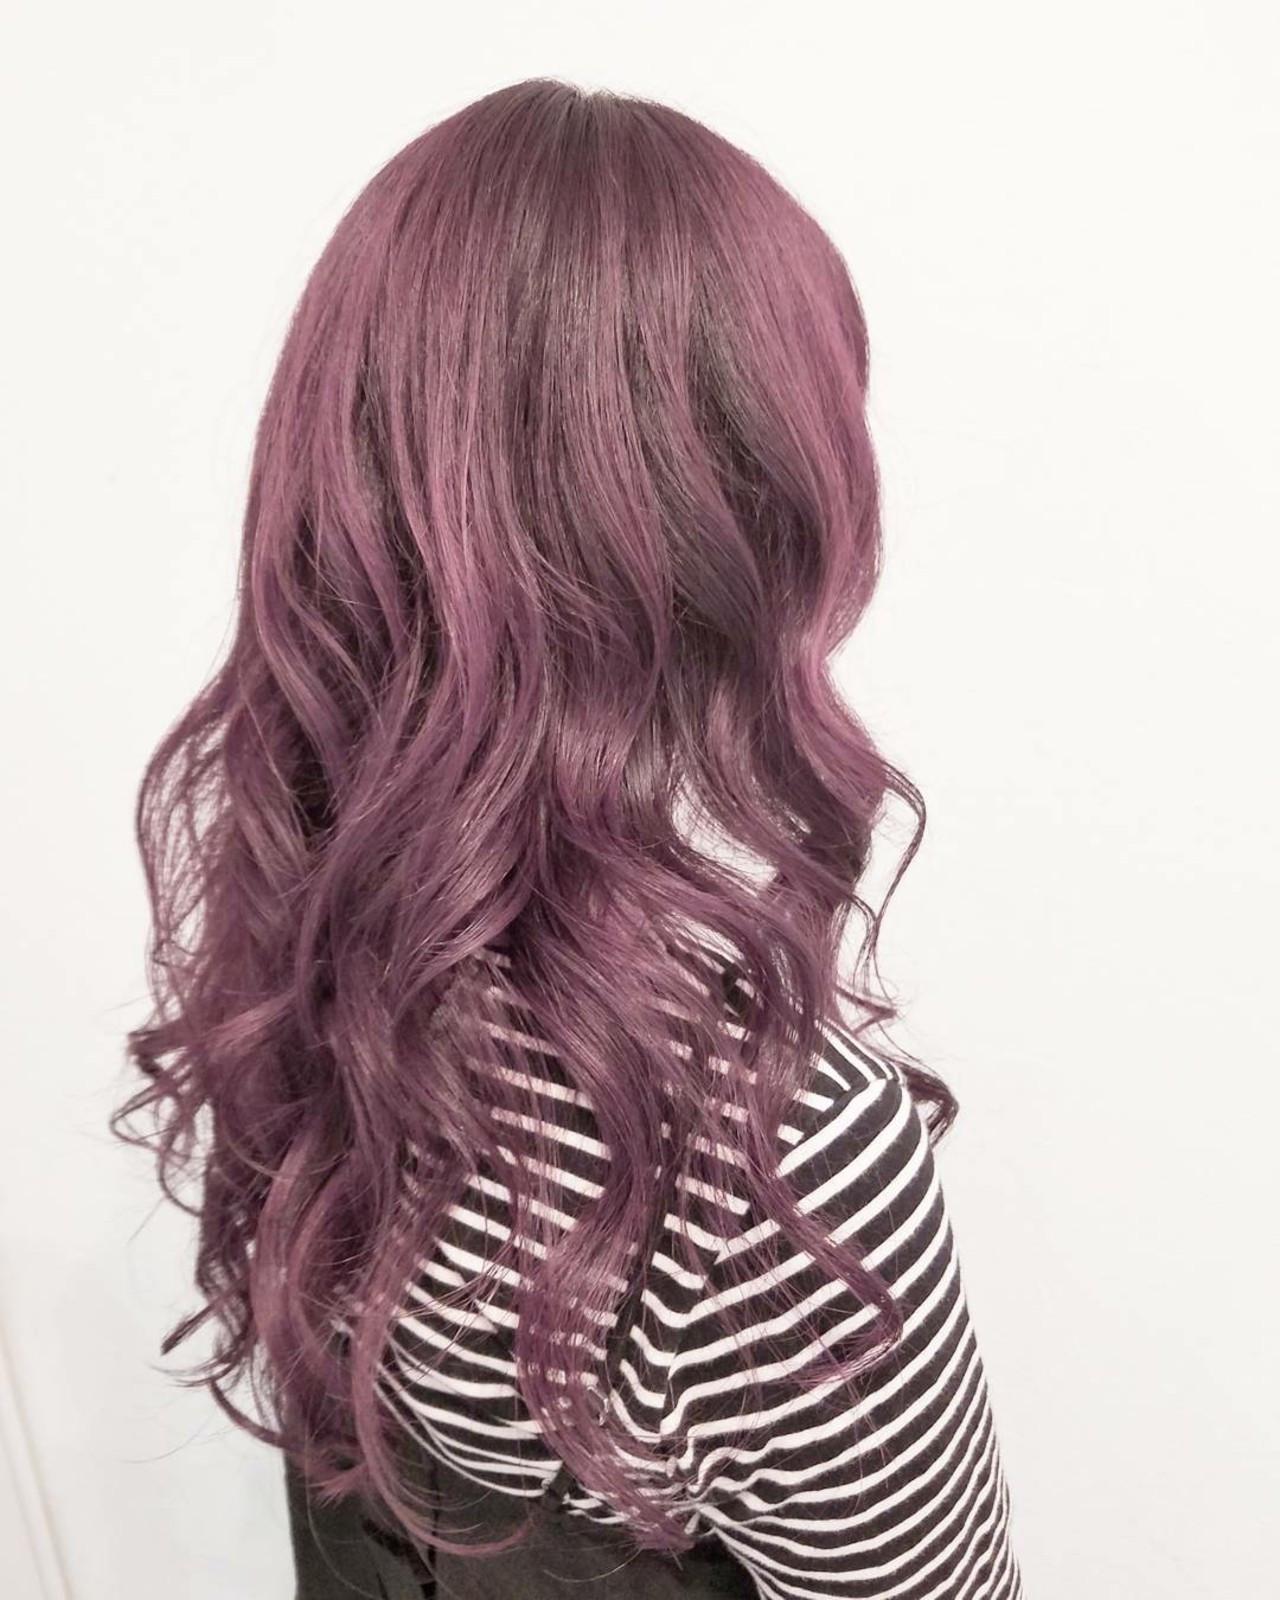 イルミナカラー ガーリー ロング 大人かわいい ヘアスタイルや髪型の写真・画像